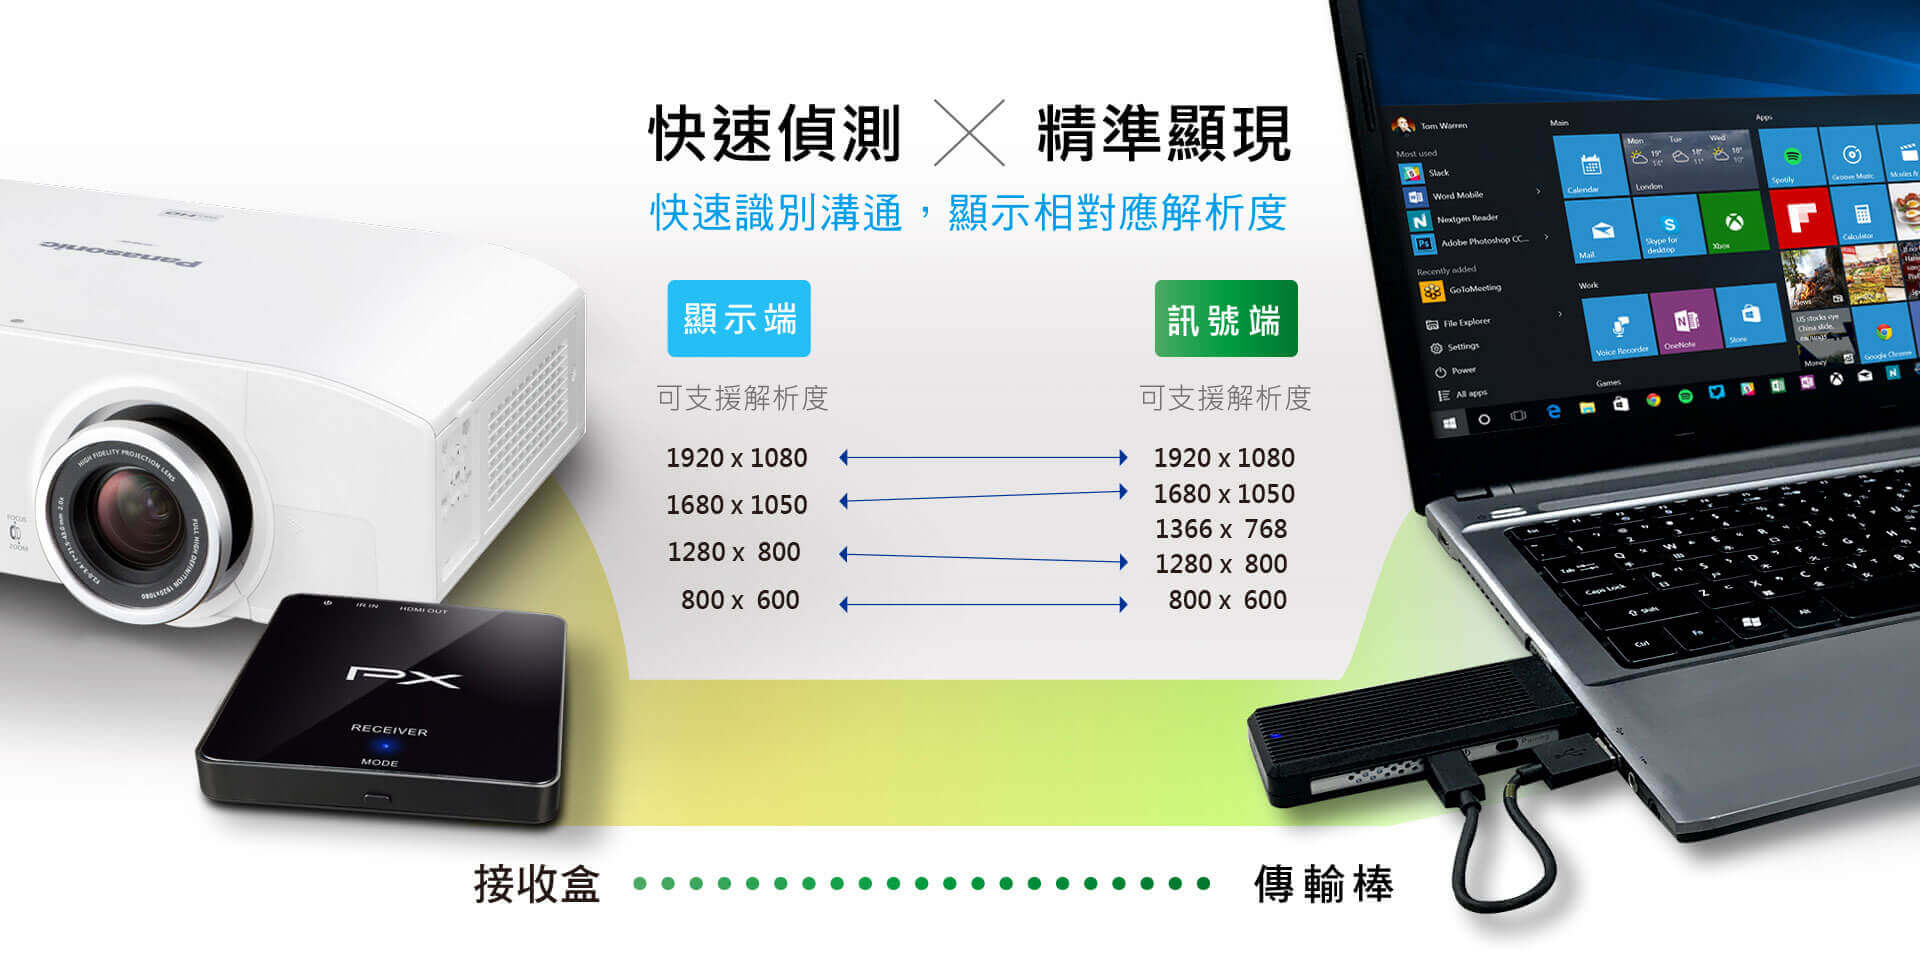 proimages/product/pro-02/pro02-004/WTR-5000/WTR-5000-15.jpg